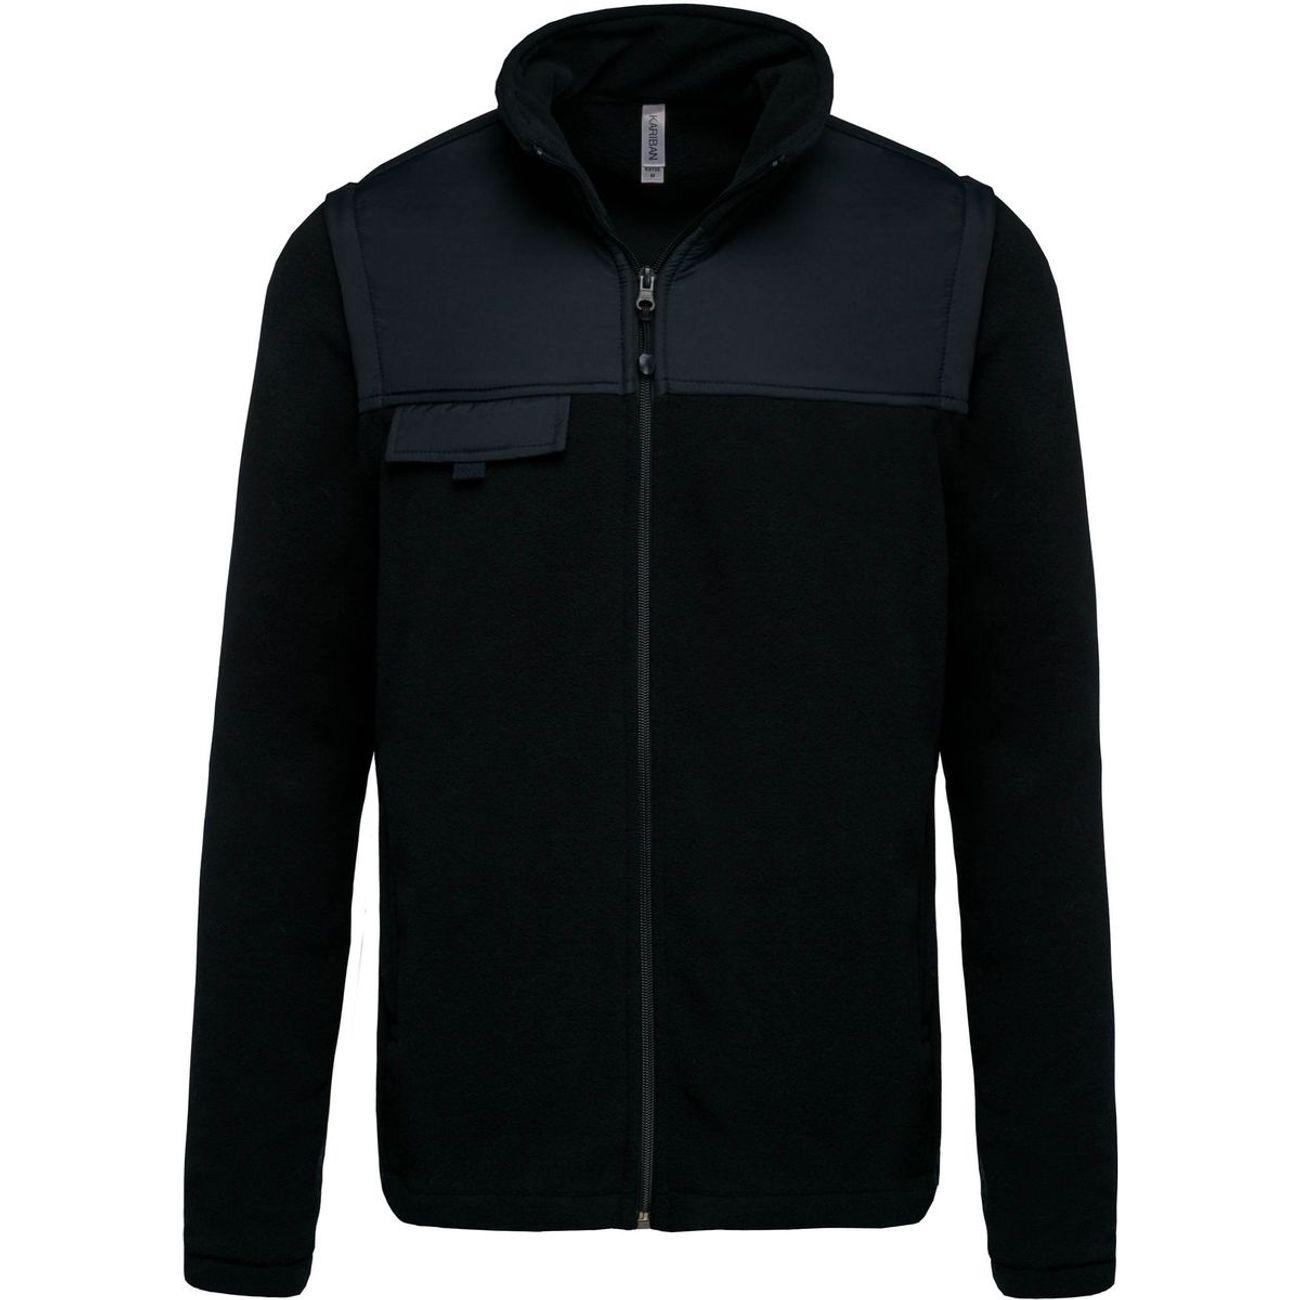 Randonnée pédestre homme KARIBAN Veste polaire manches amovibles - K9105 - noir